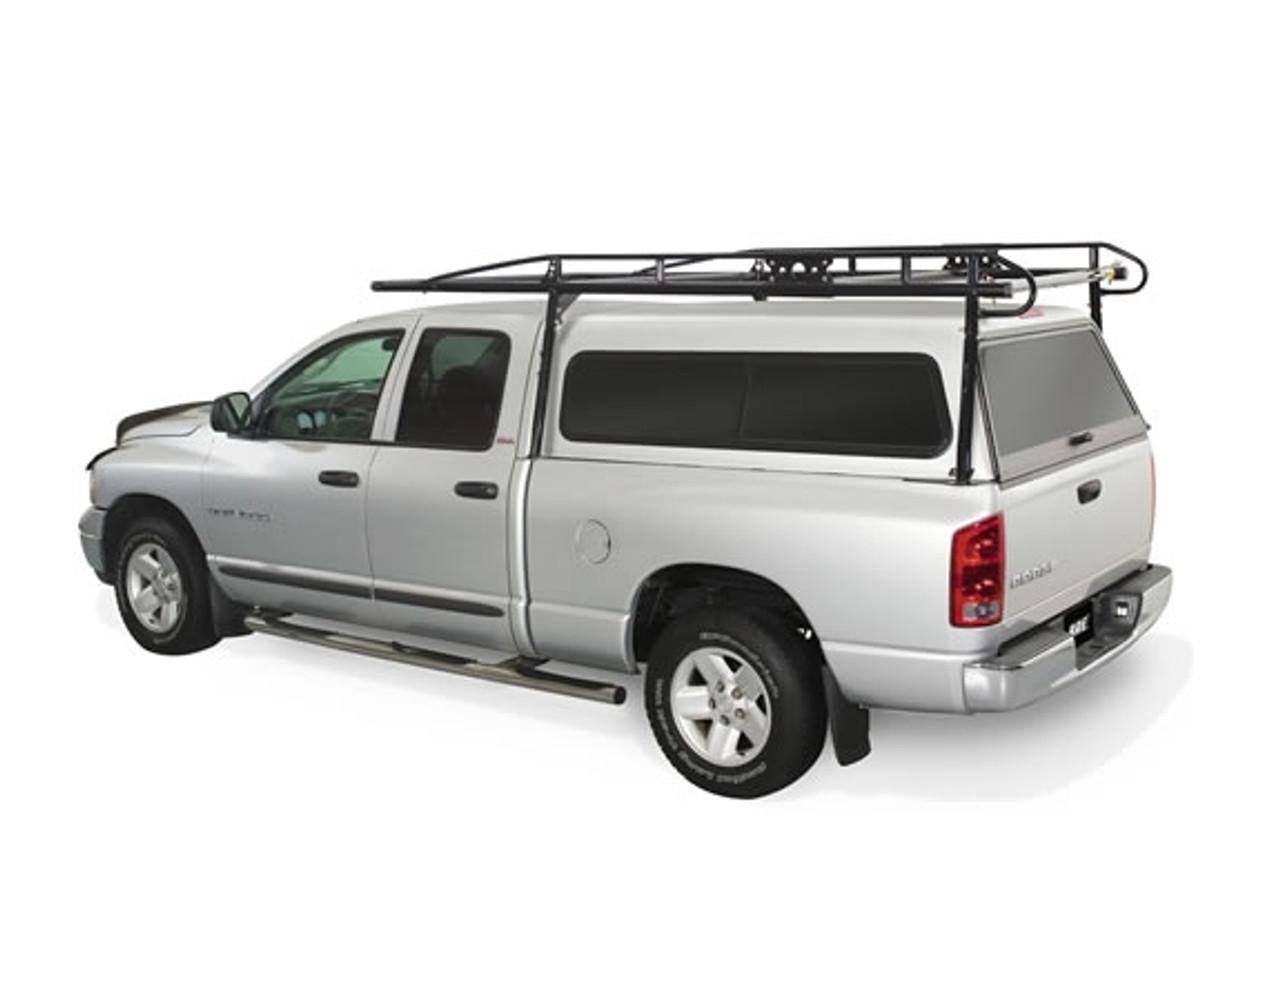 kargo master ladder rack for trucks with camper shells steel pro ii